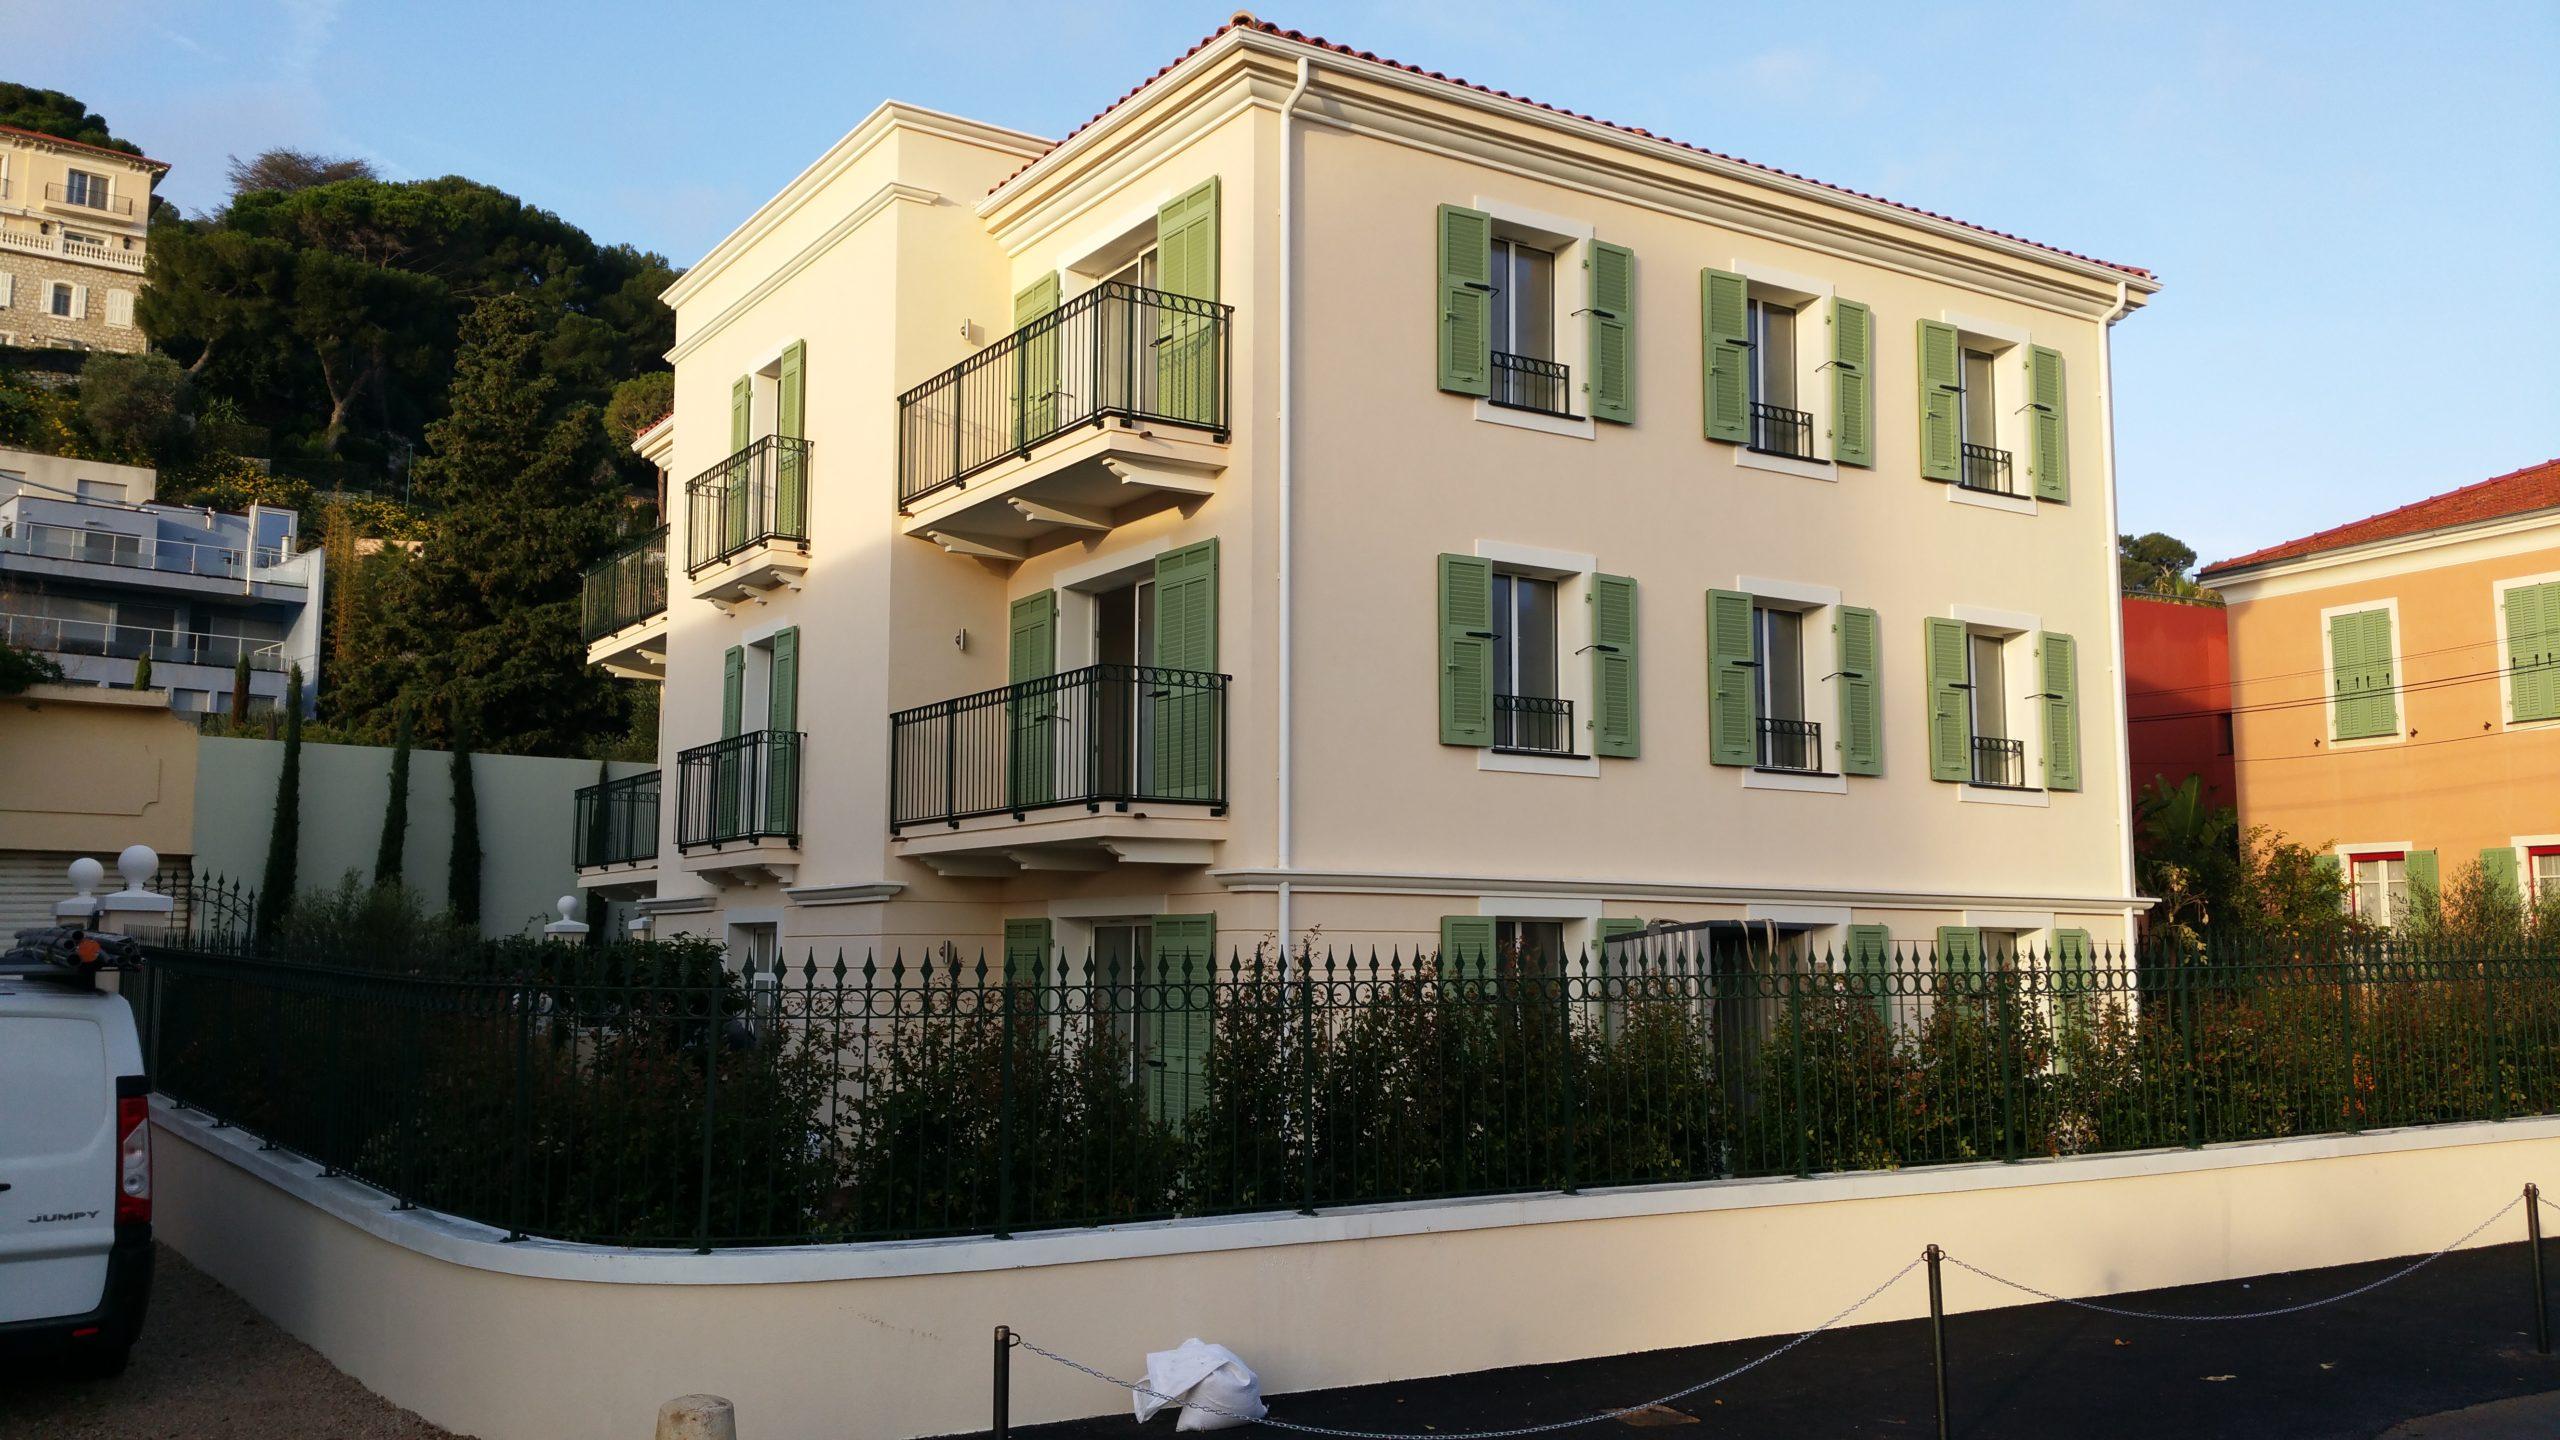 Serramenti e persiane in alluminio per palazzina nuova a Saint-Jean Cap-Ferrat (Francia)